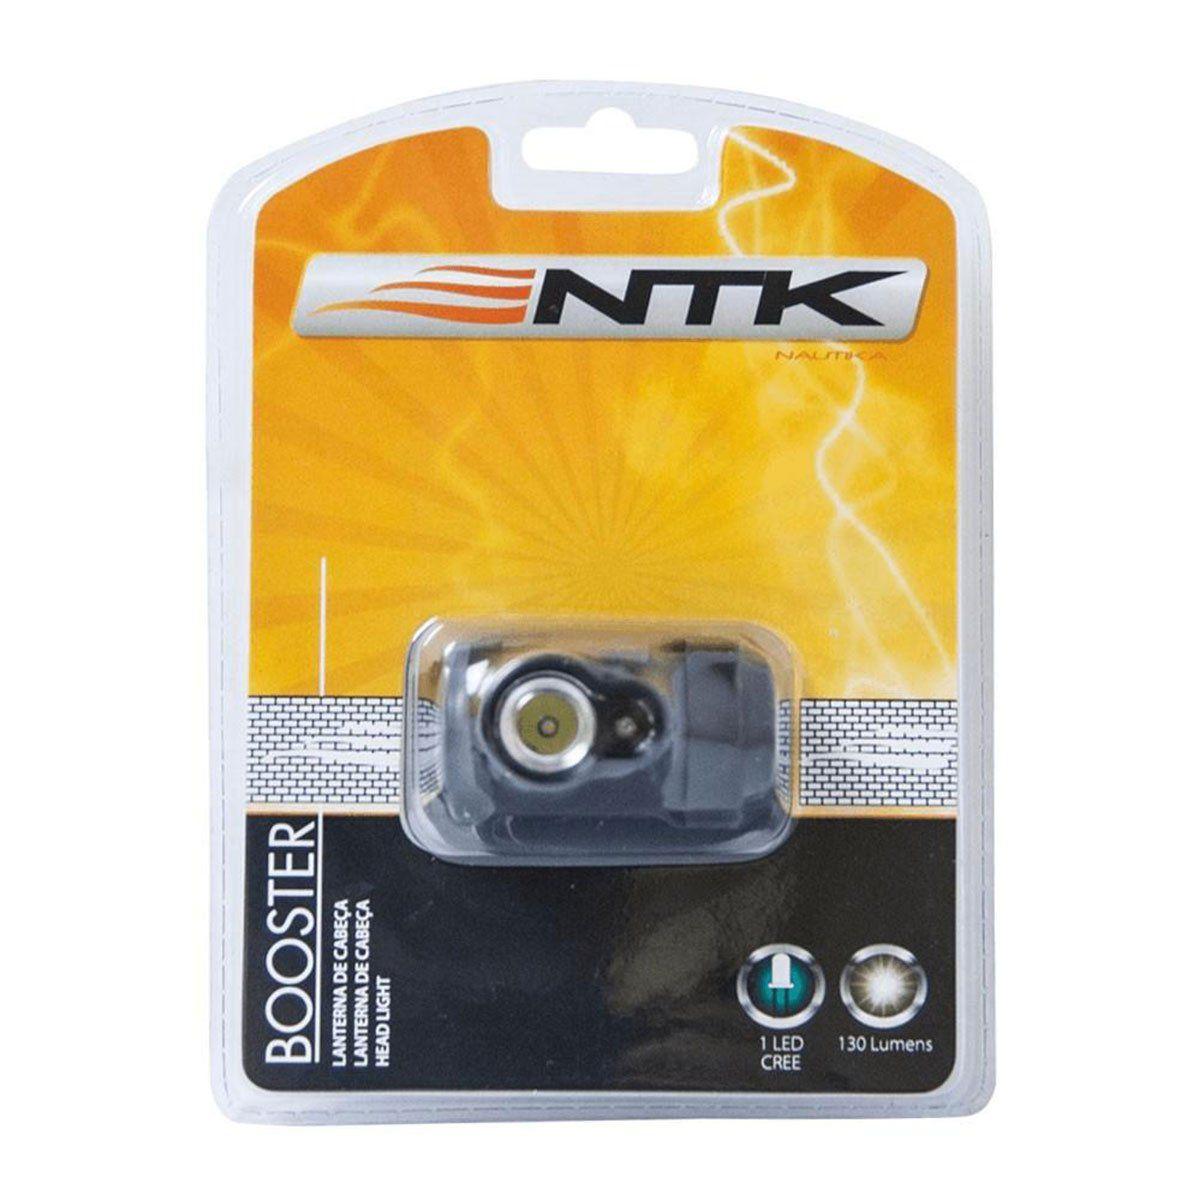 Lanterna de Cabeça Nautika Boost 130 Lumens